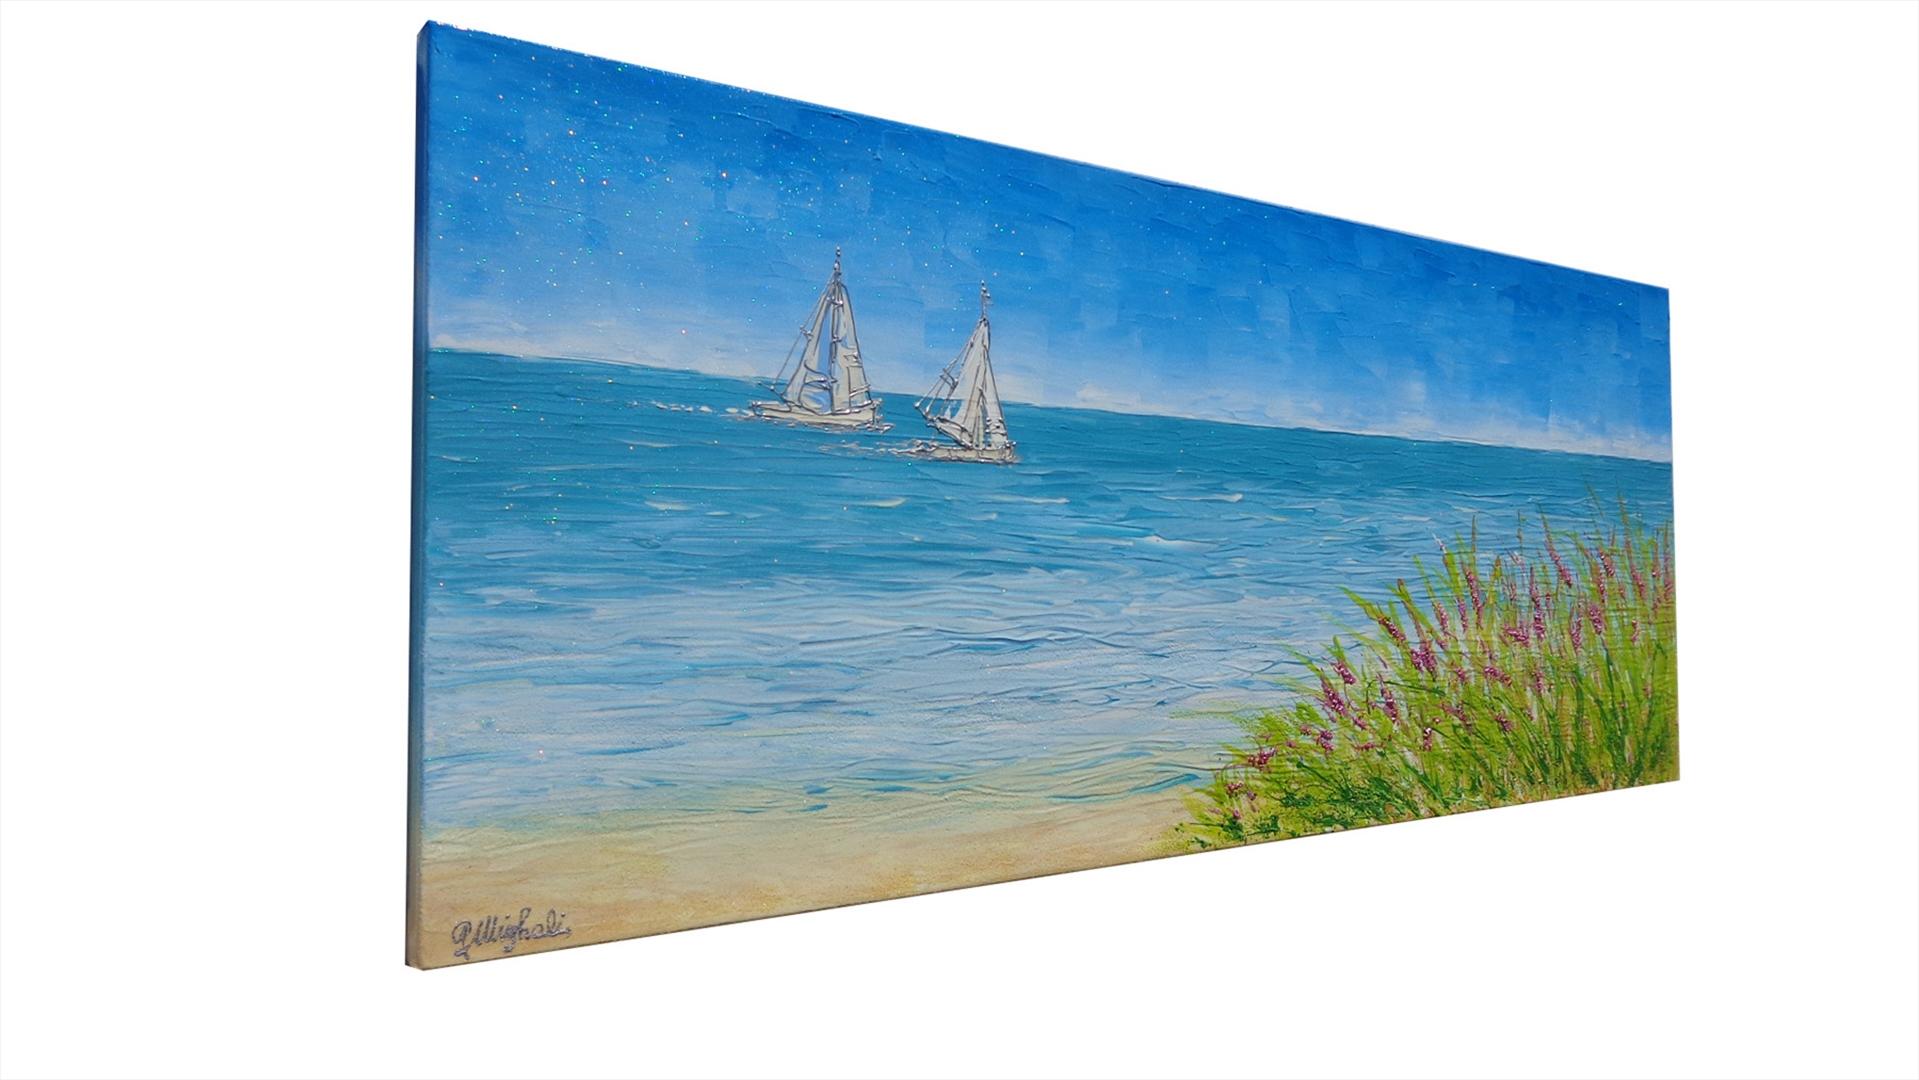 Paesaggio di mare con barche   Vendita Quadri Online   Quadri ...